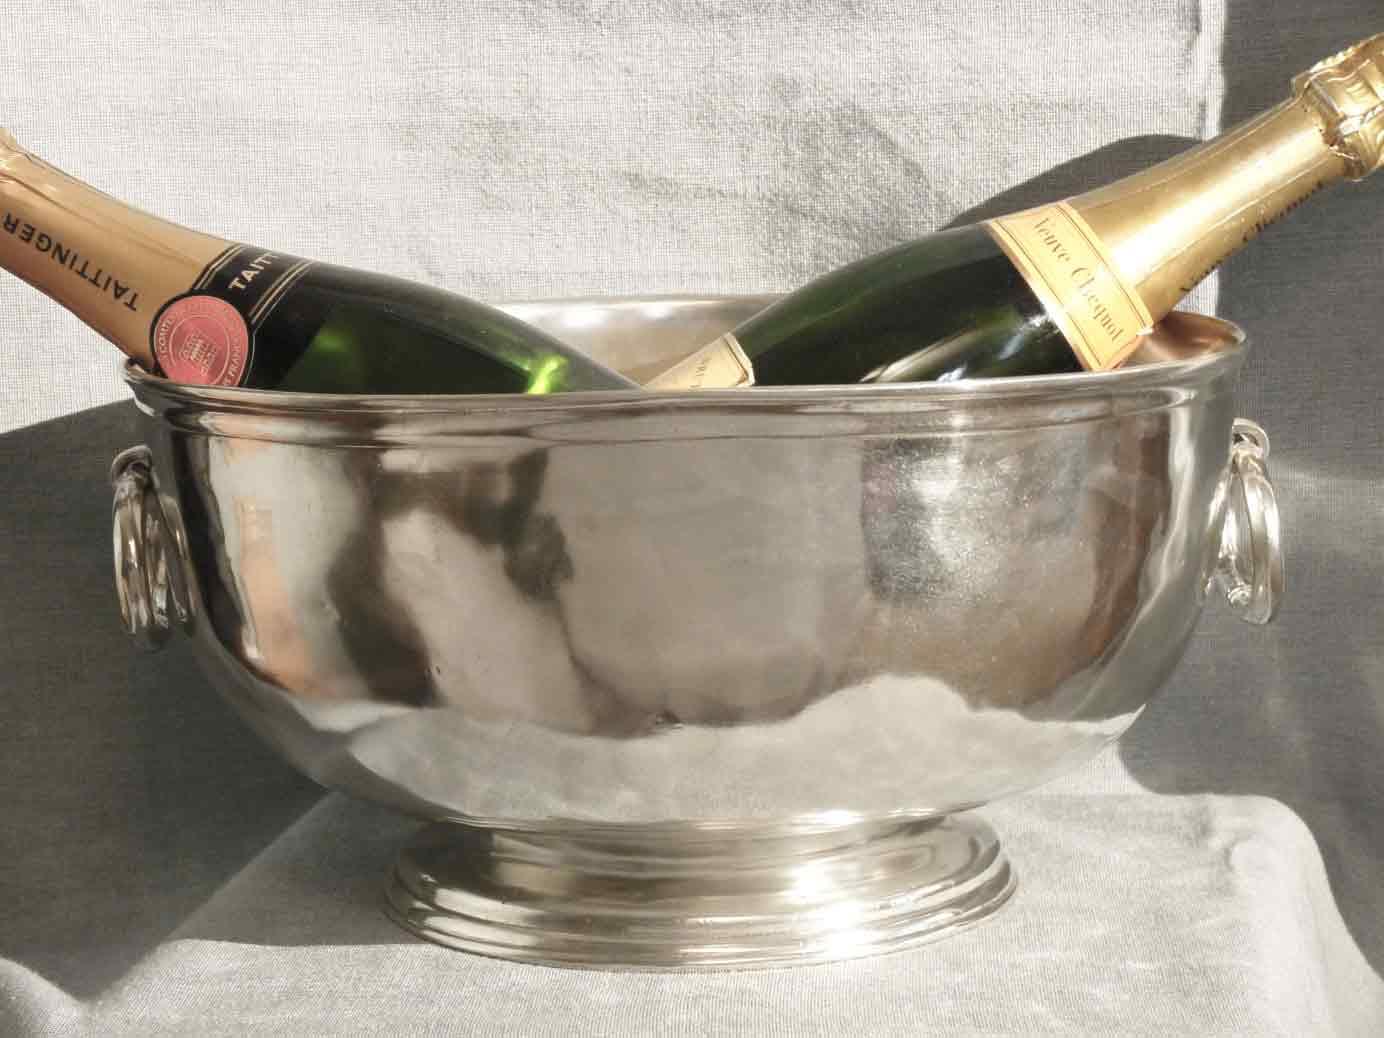 cadeau vasque à champagne etain aspect argent massif